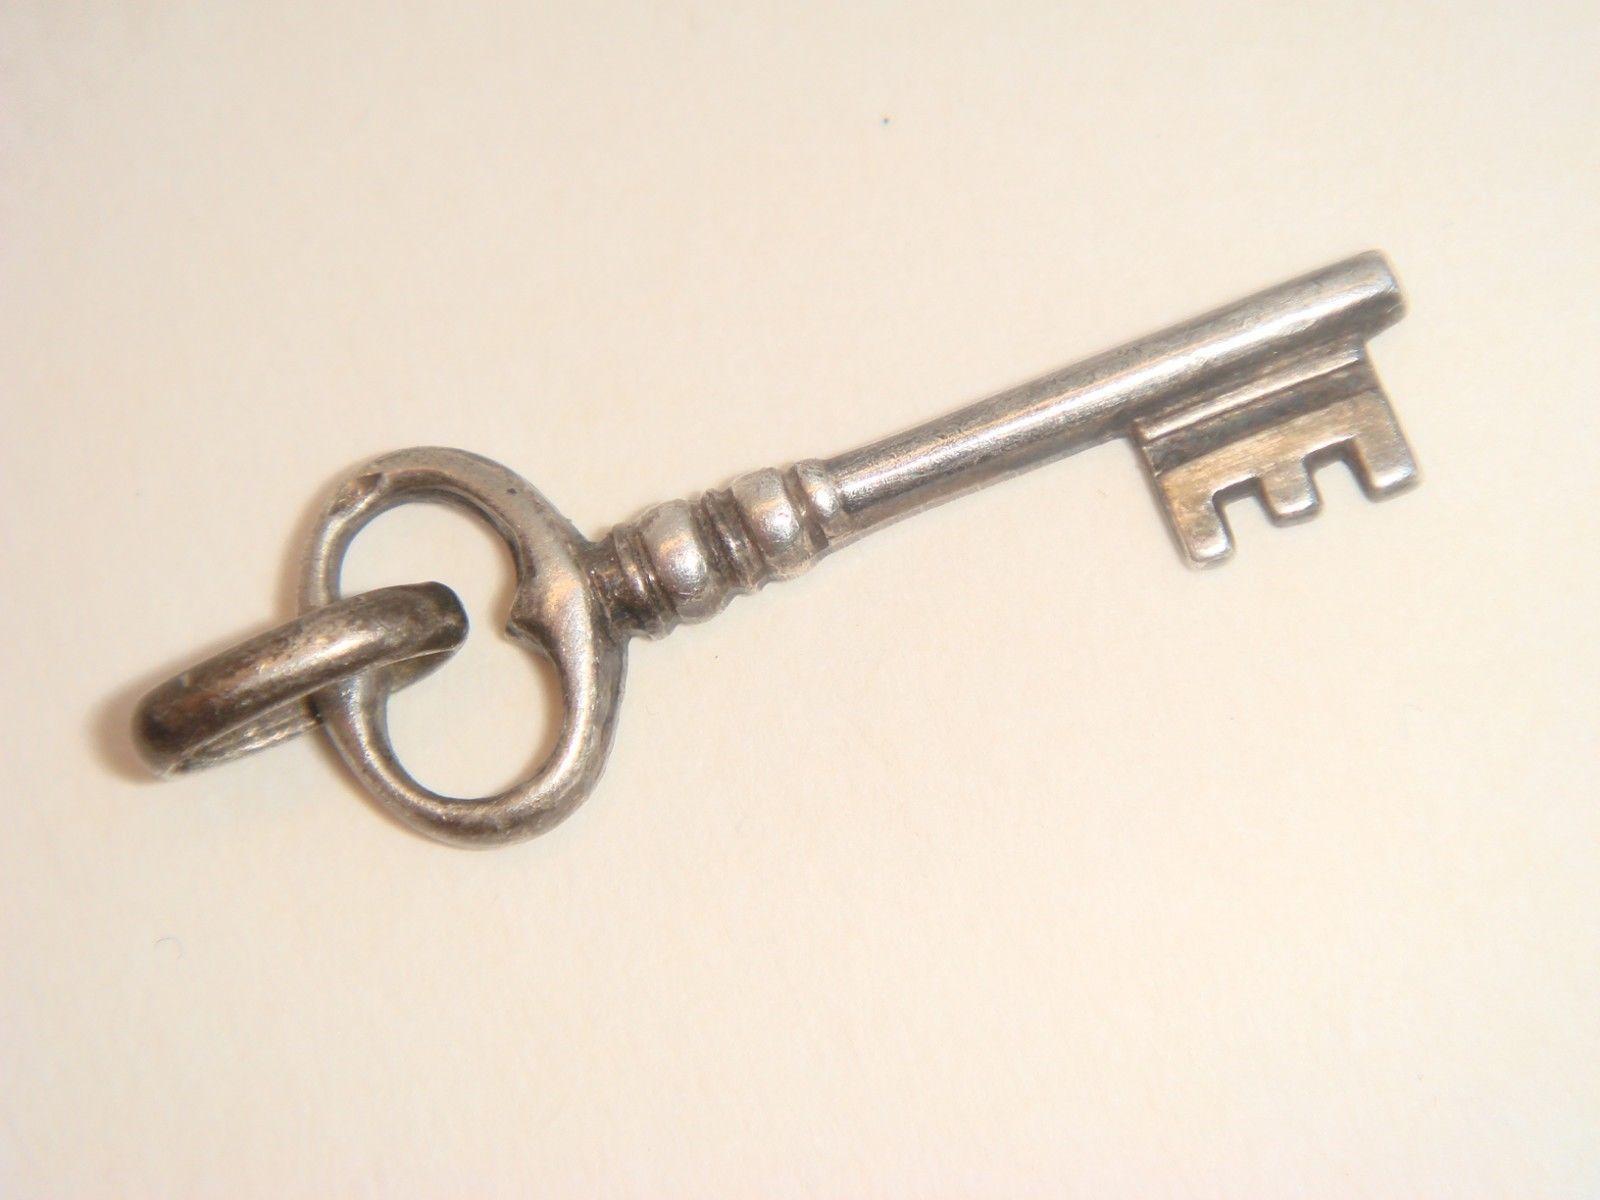 e785cfc1d8b ANCIEN pendentif clef bijoux argent - EUR 8